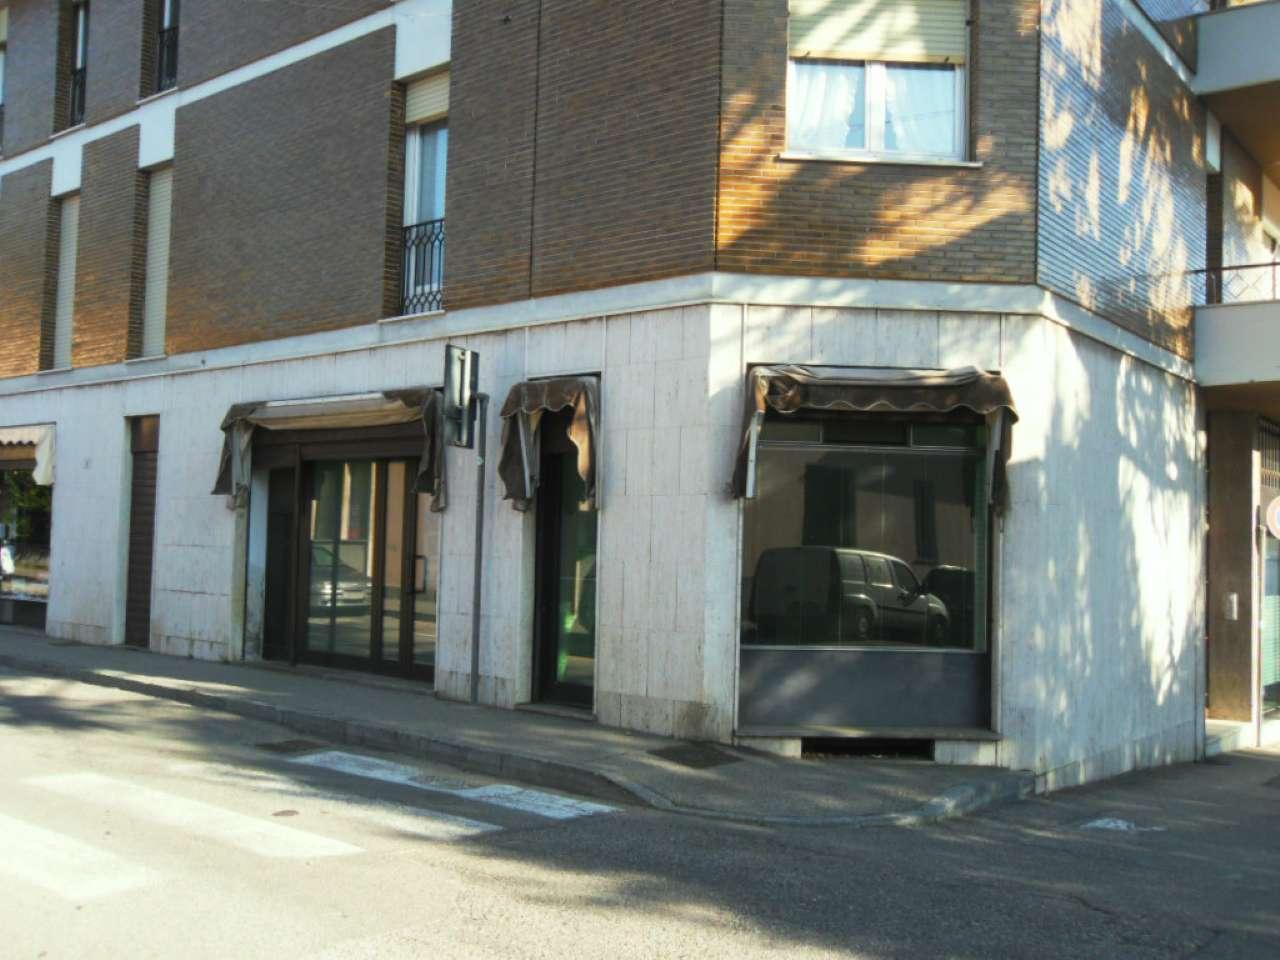 Negozio / Locale in vendita a Albizzate, 9999 locali, prezzo € 70.000 | CambioCasa.it